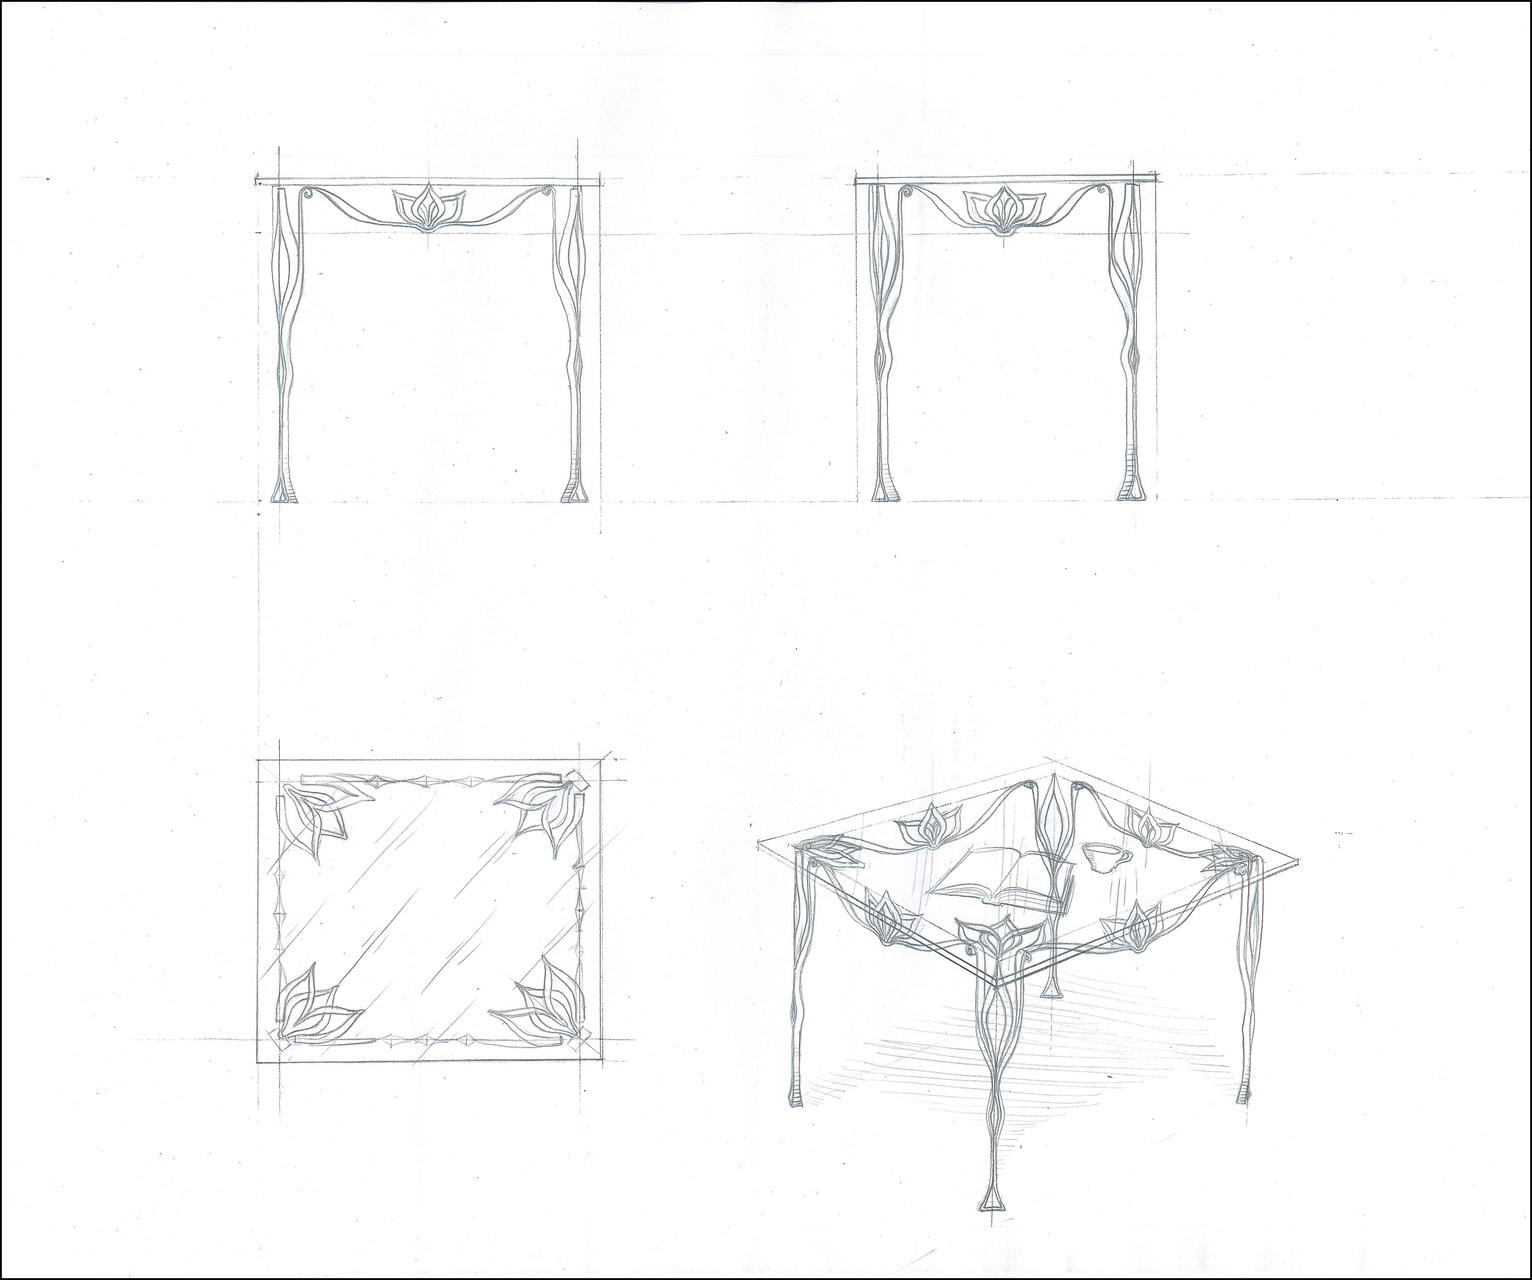 """Стол обеденный прямоугольный """"Лотос. Малый"""". Стеклянная столешница  с кованой опорой.Ручная художественная ковка. Размеры 800x700."""